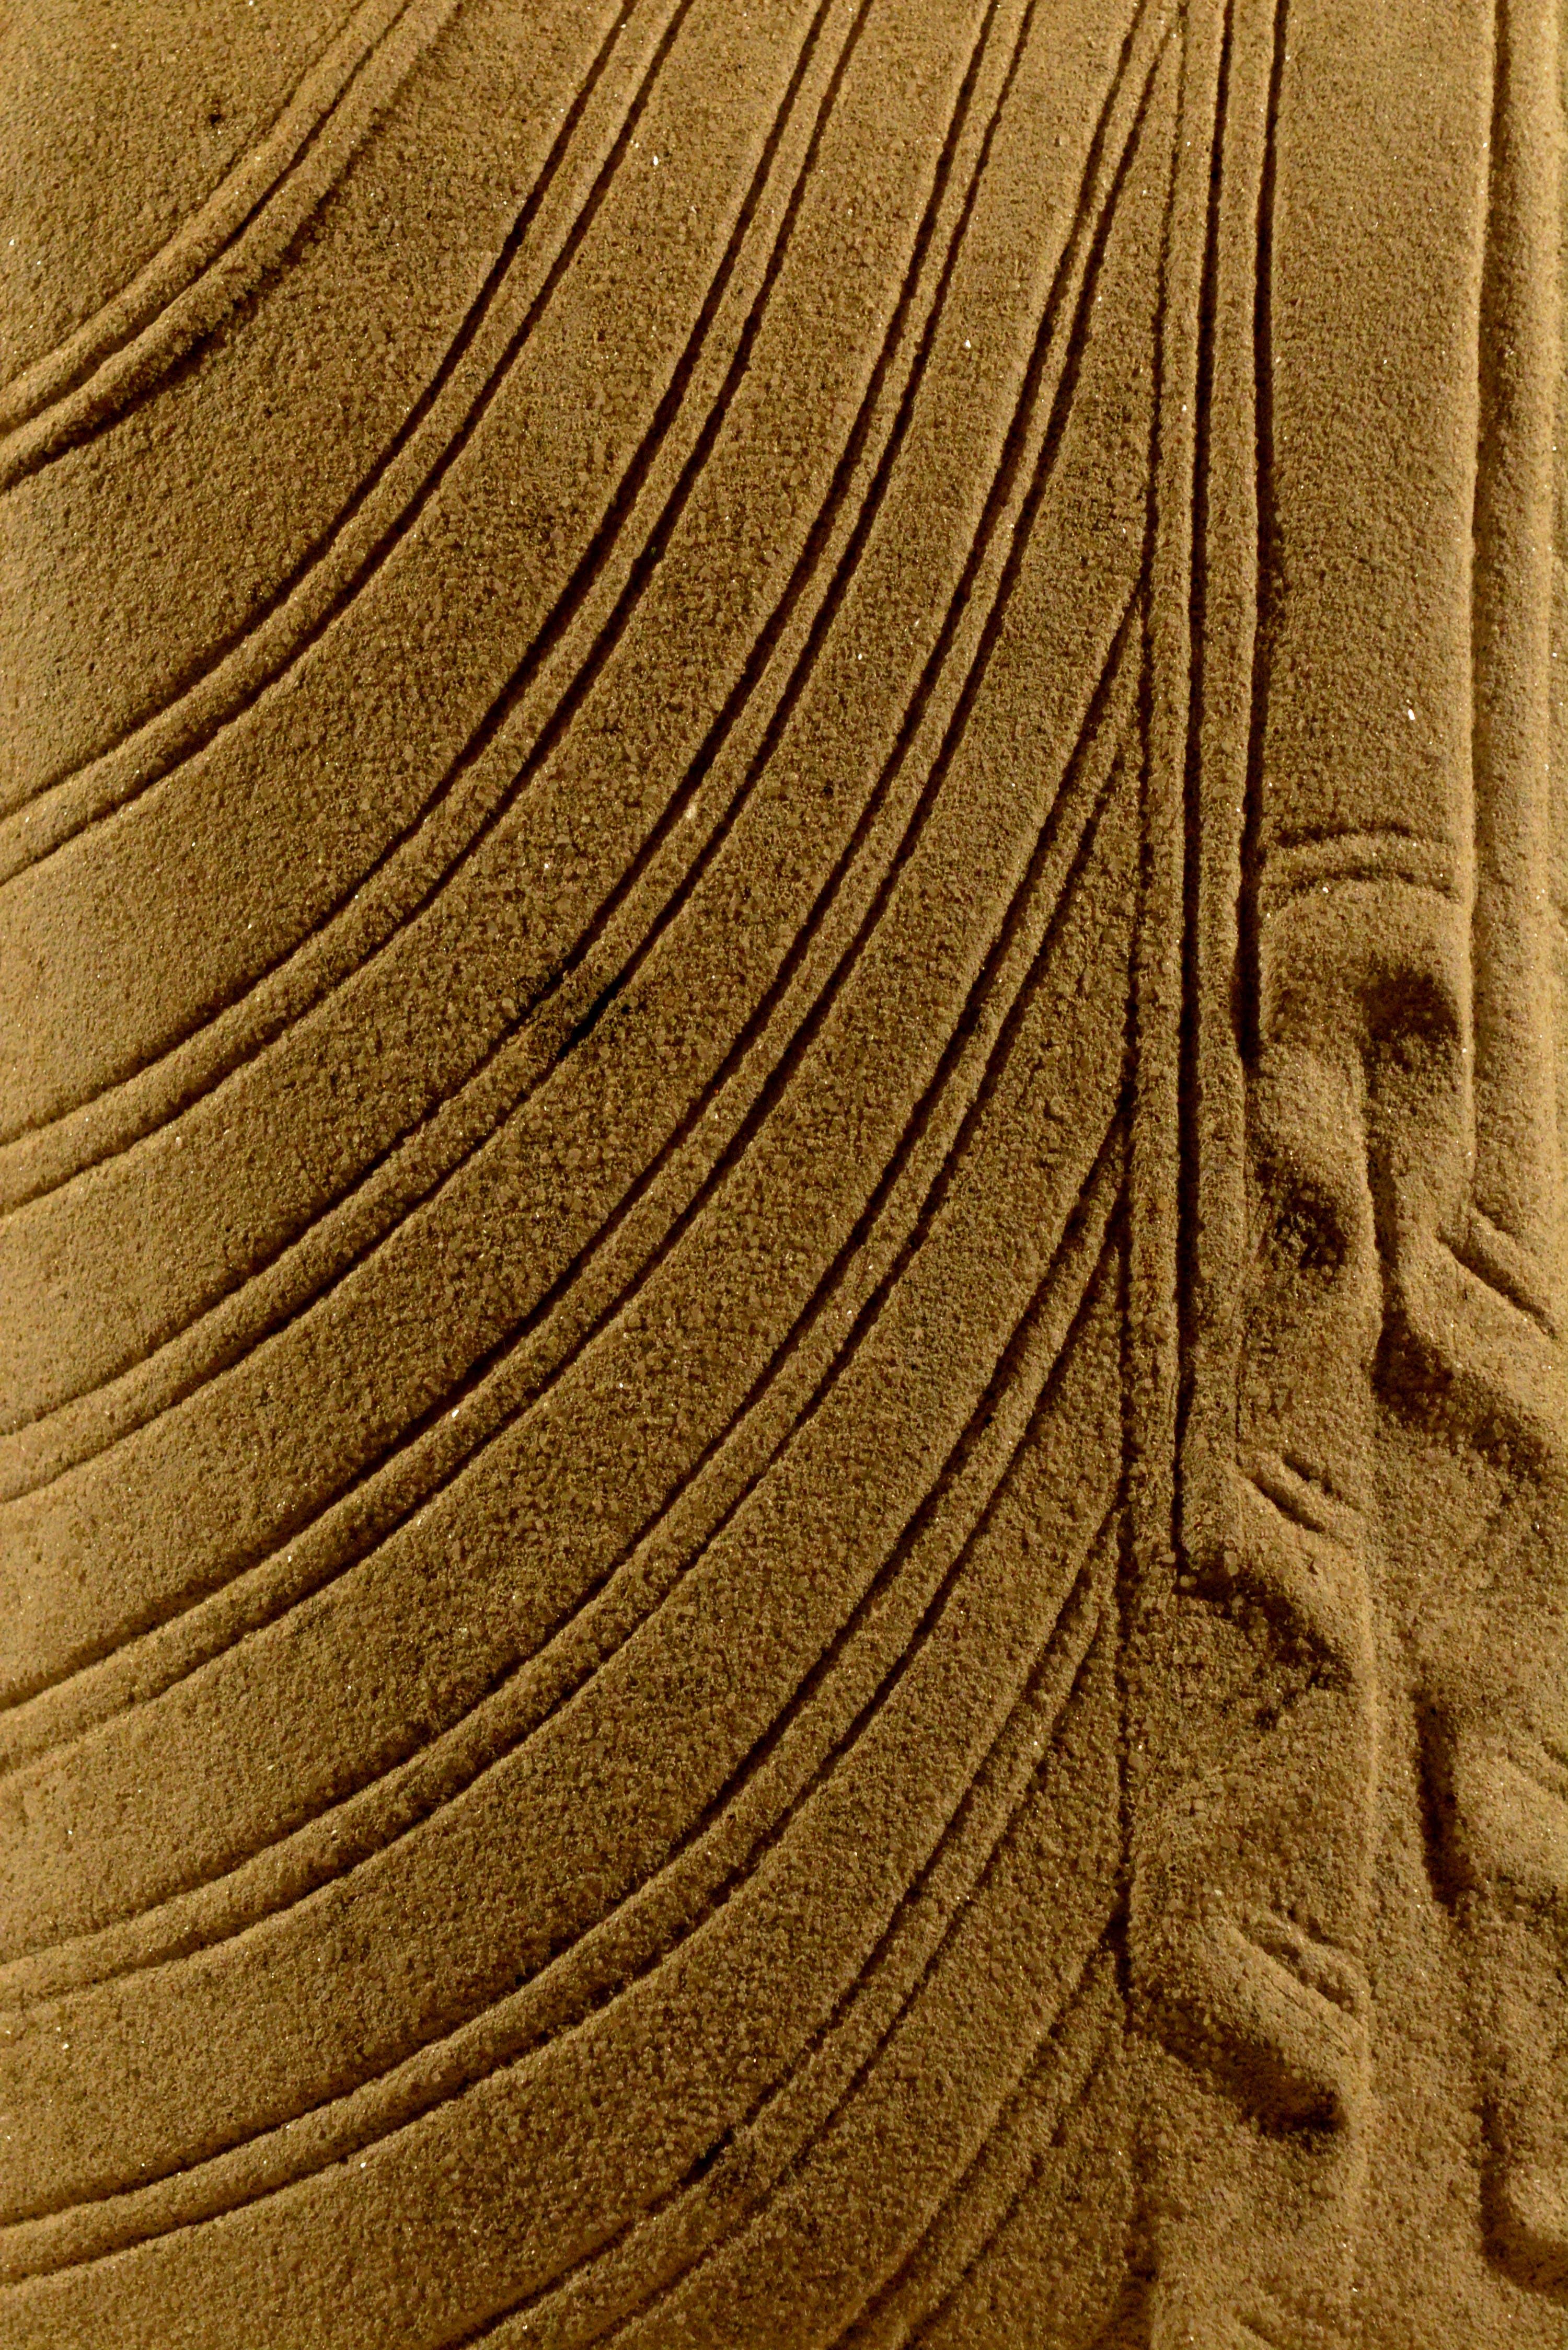 Free stock photo of art, buddha, Buddhism, buddhist